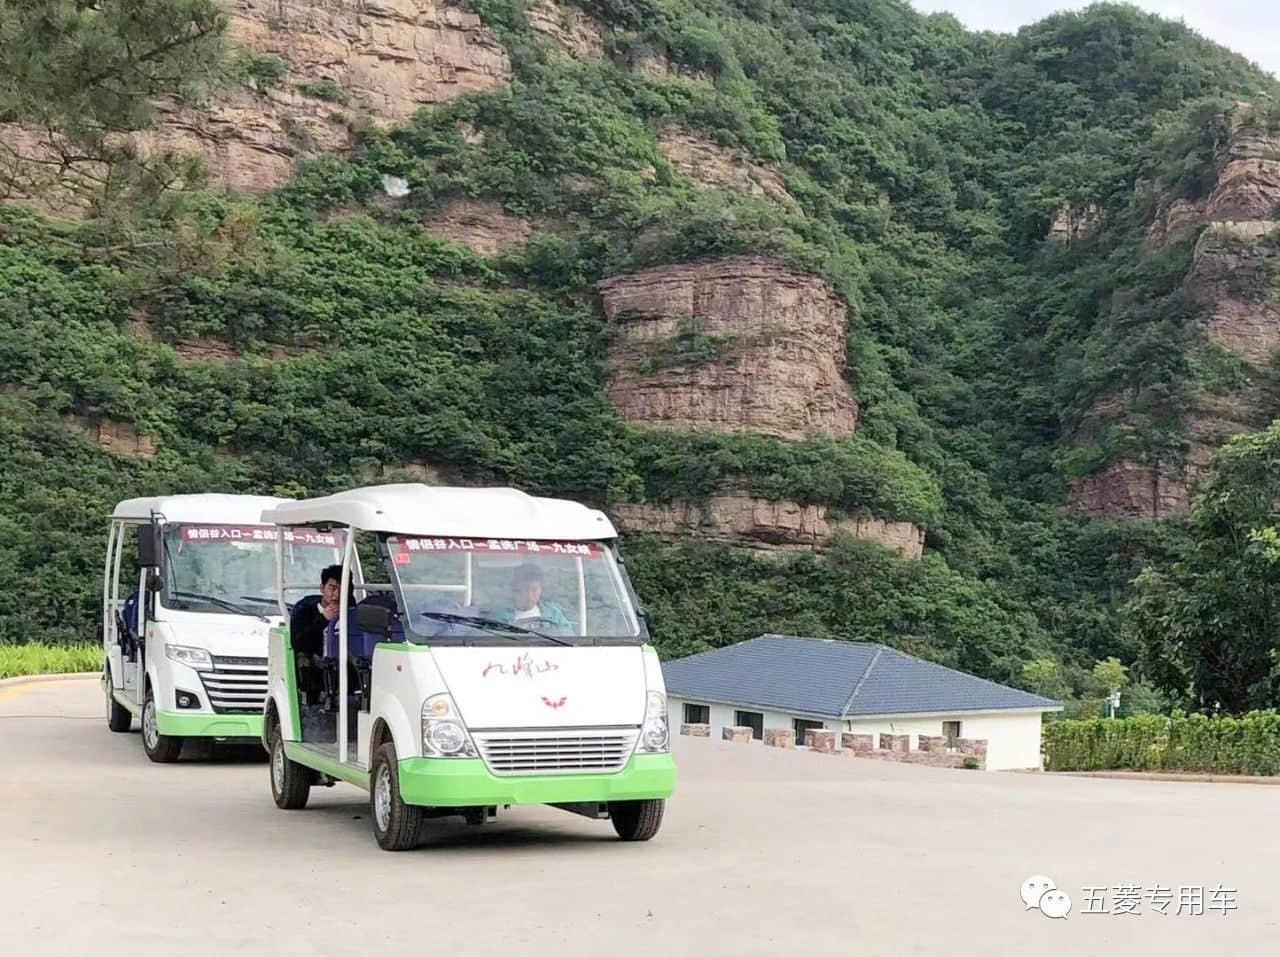 旅游景区观光车游览增加经营收入